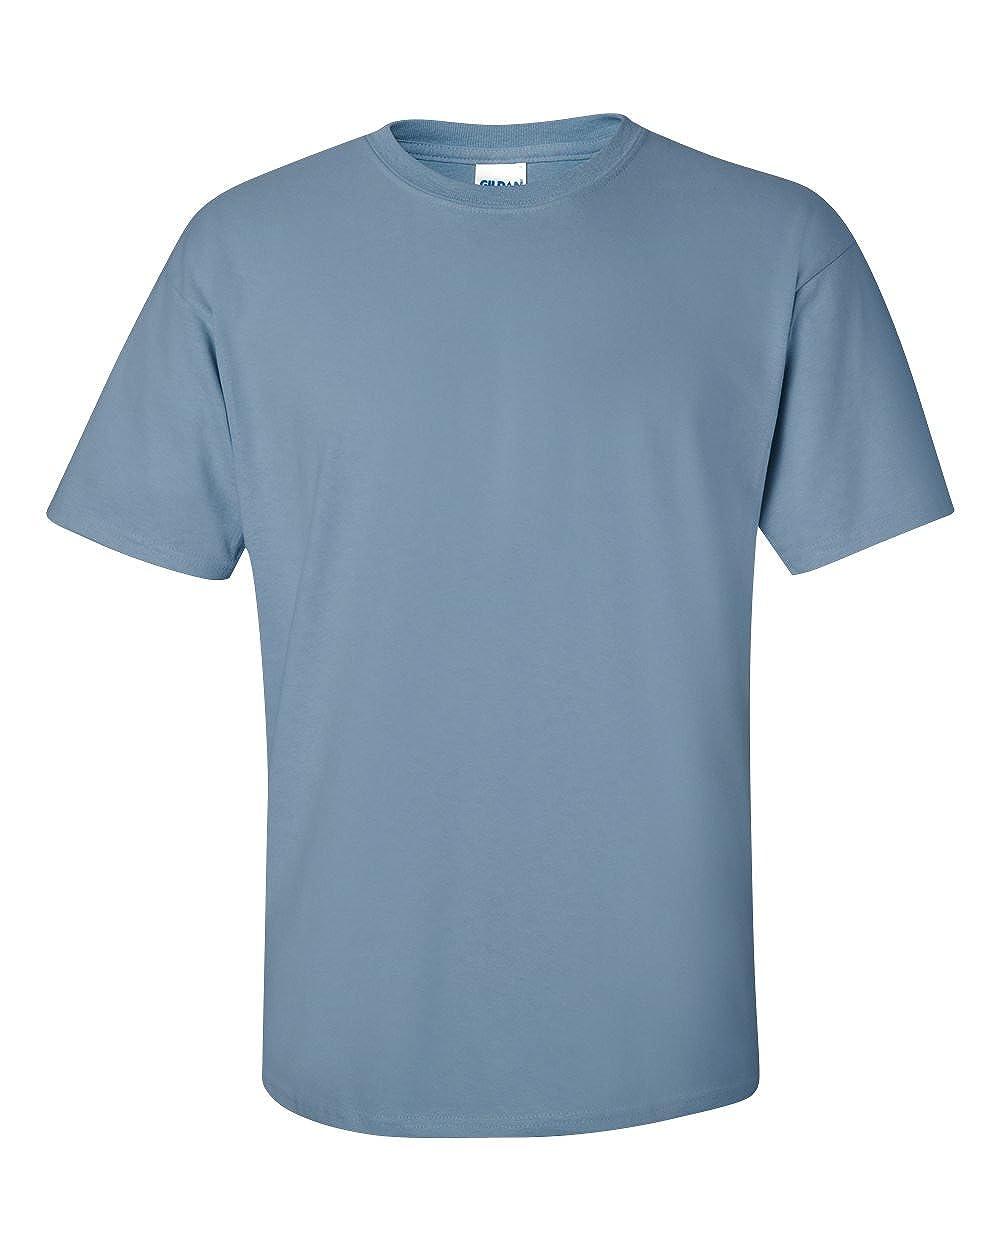 Gildan Cotton 6 oz XL G200 T-Shirt White